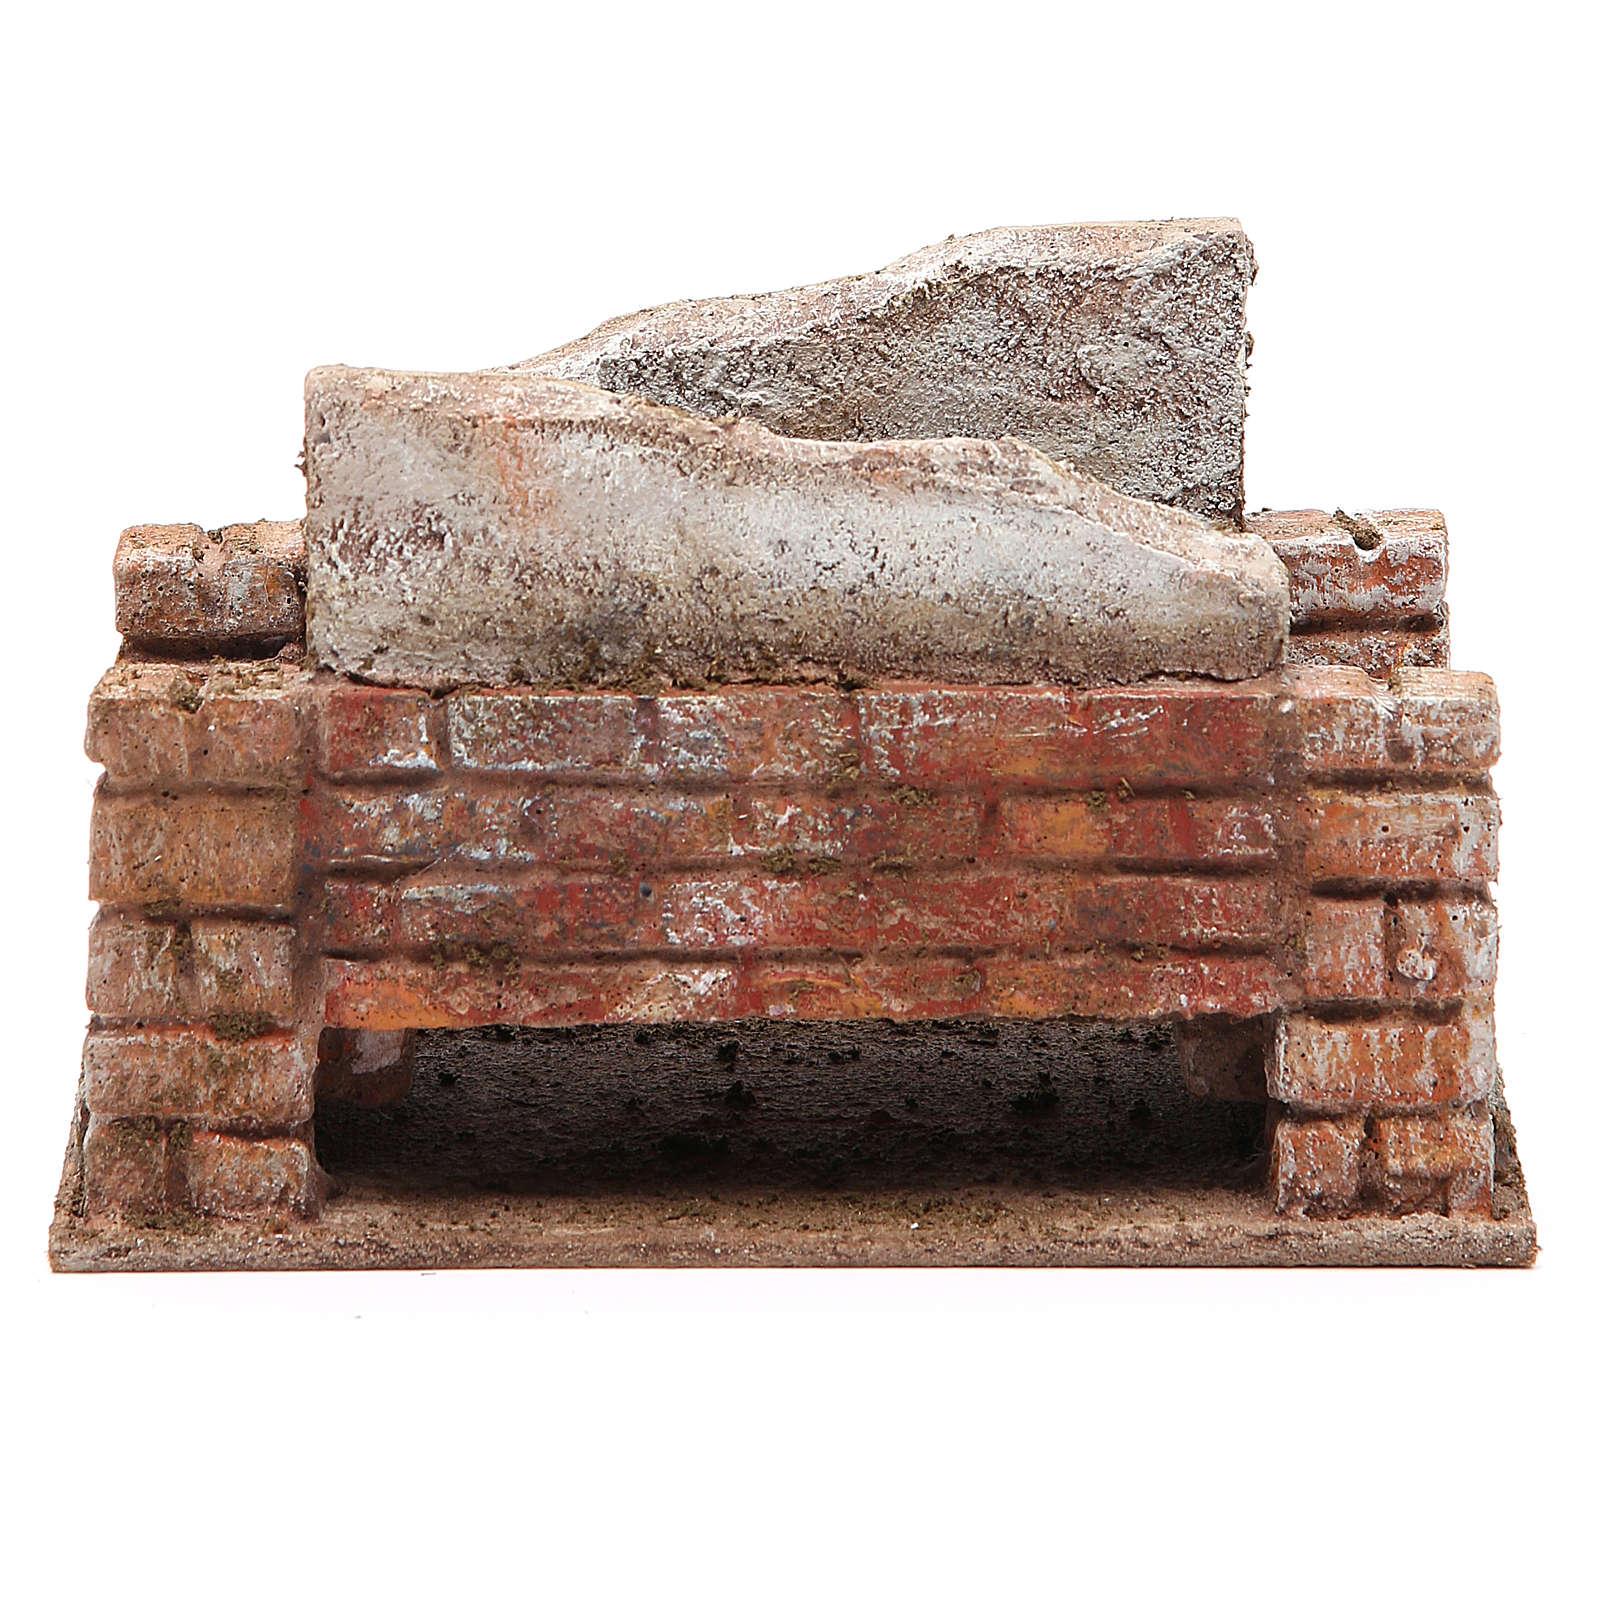 Pont crèche rustique 10x18x11 cm 4